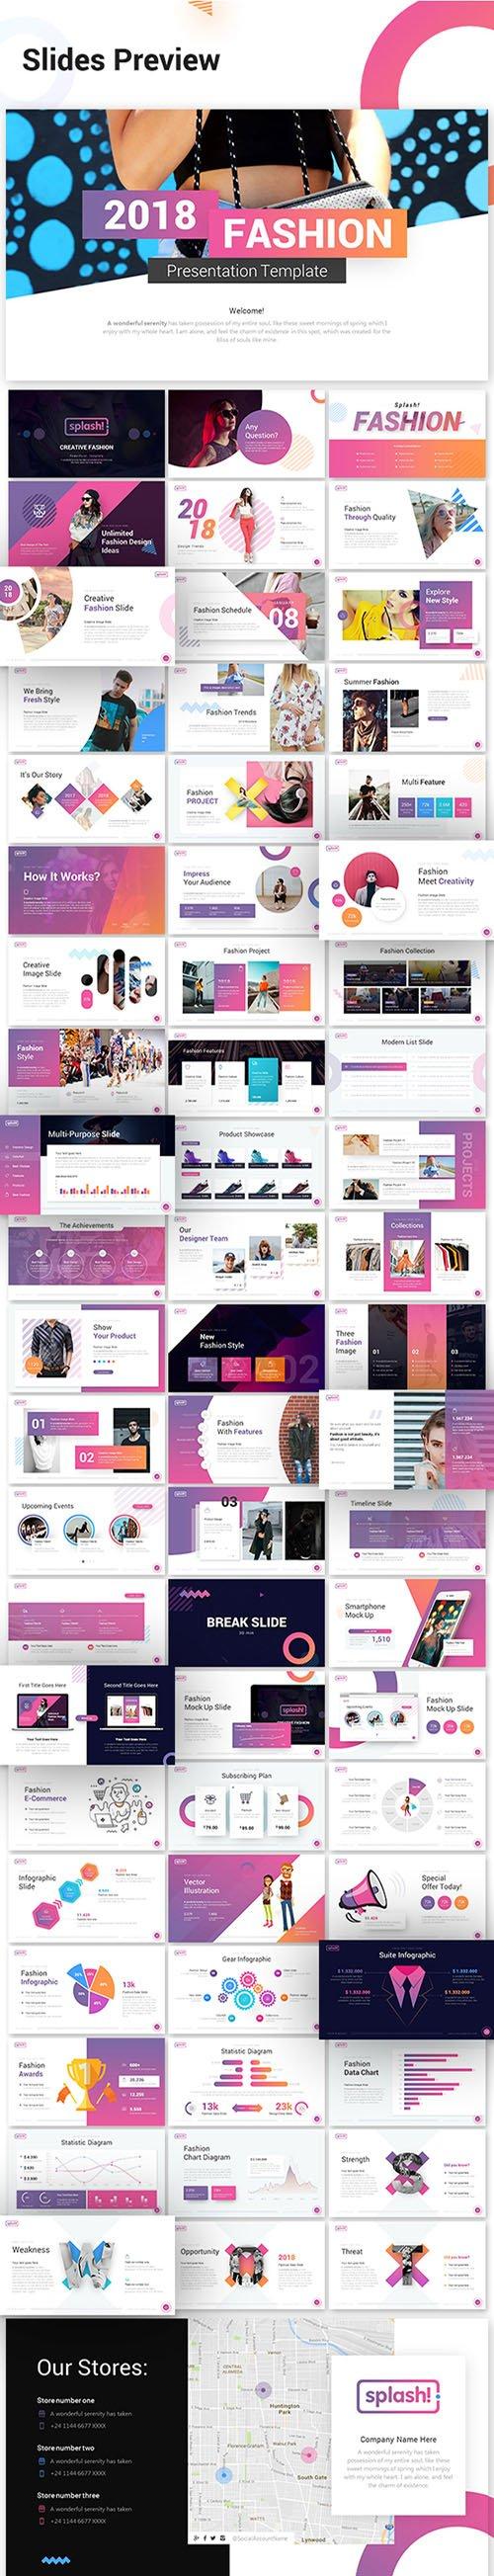 GR - Splash Fashion PowerPoint Presentation Template 22218567